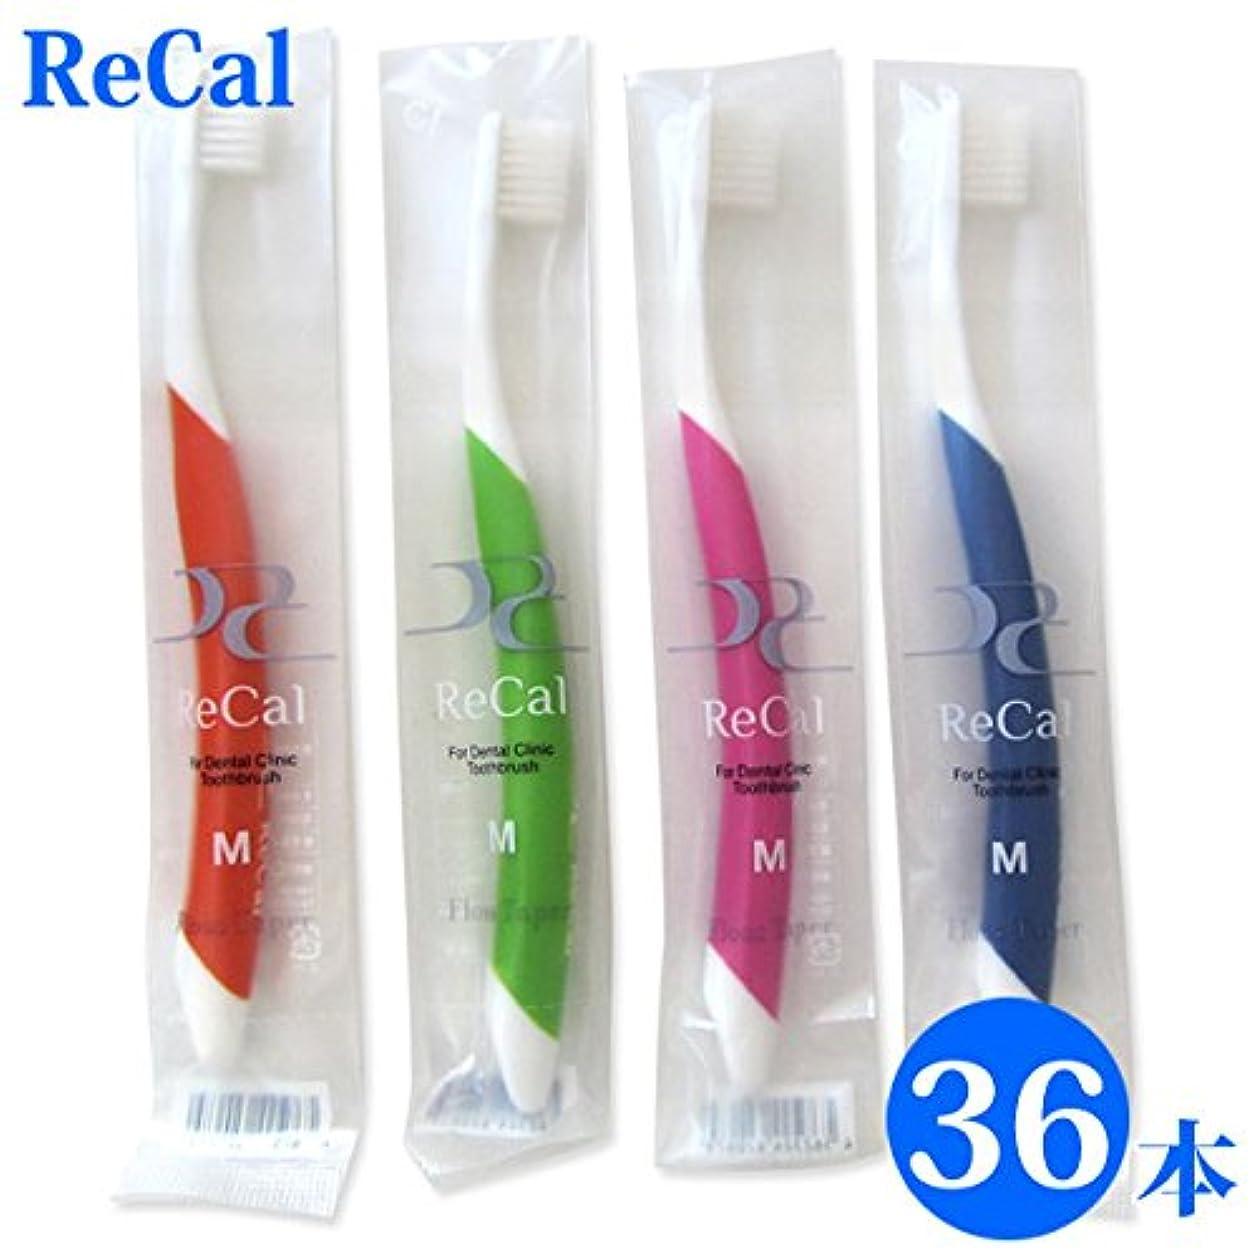 物理的な発信泥だらけ36本入り 歯科医院専用商品 ReCal リカル M 大人用 一般 歯ブラシ4色アソート